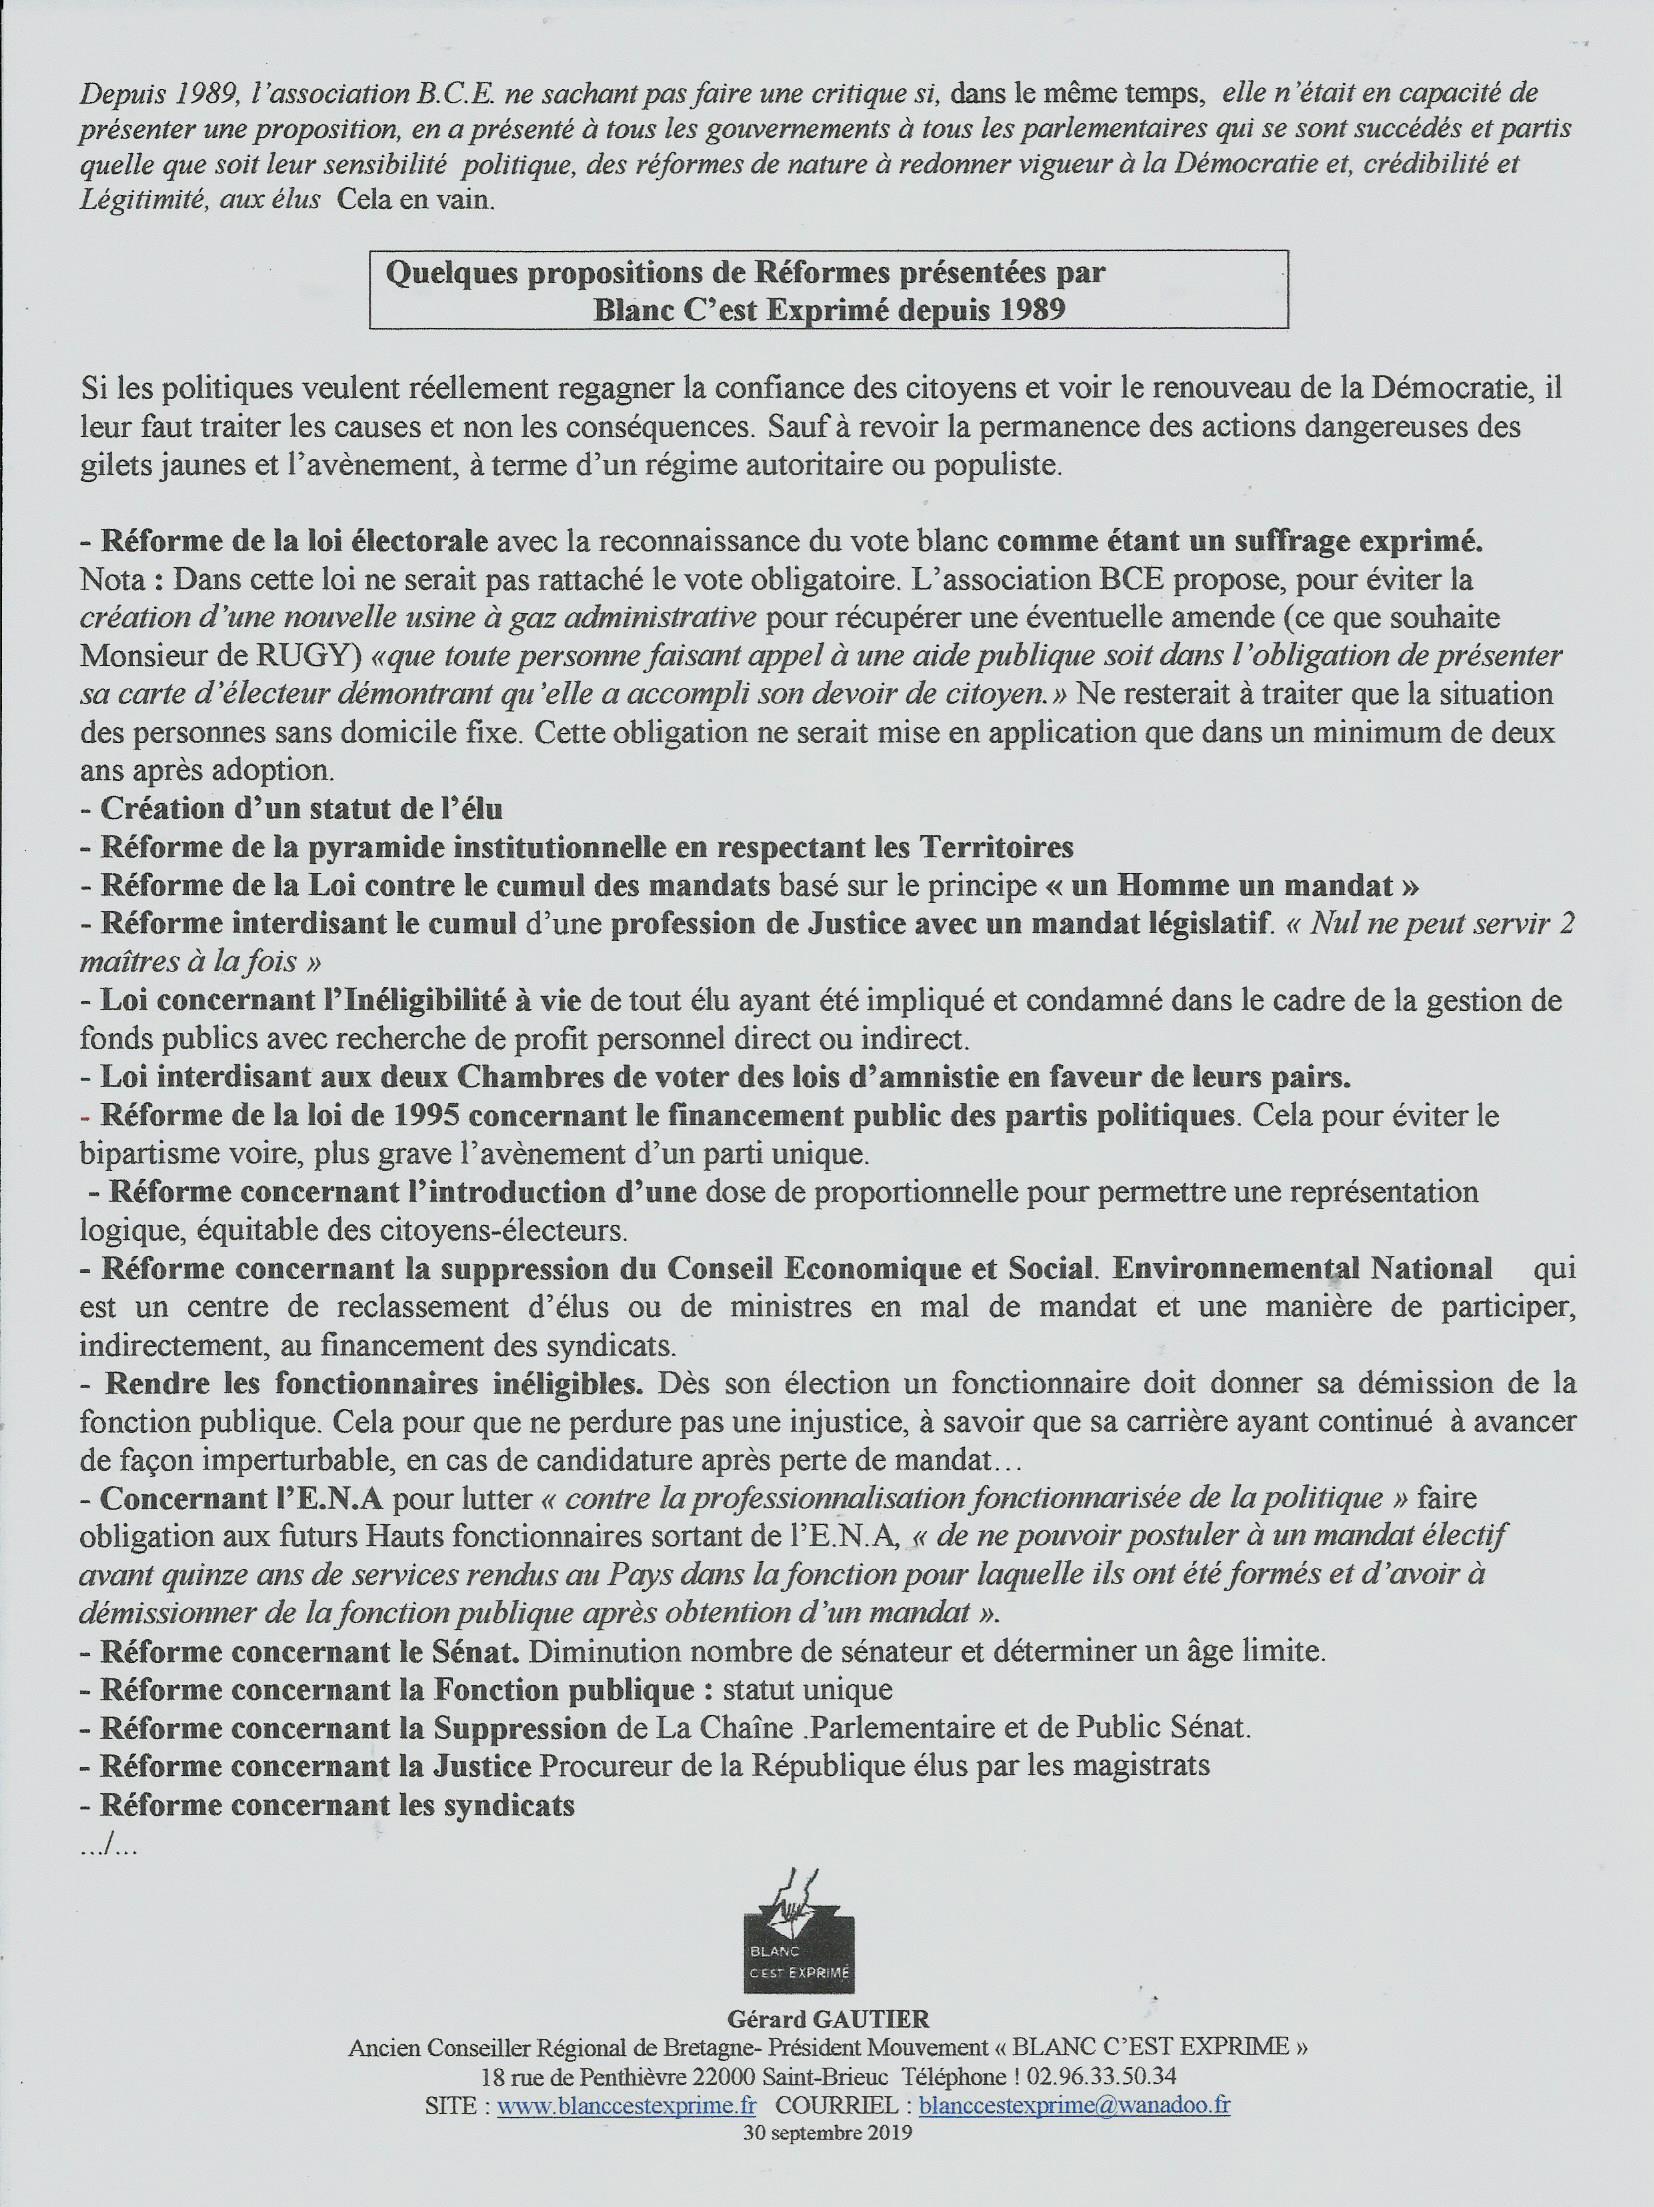 BCE DEMOCRATIE 2019 Réformes présentées depuis 1989